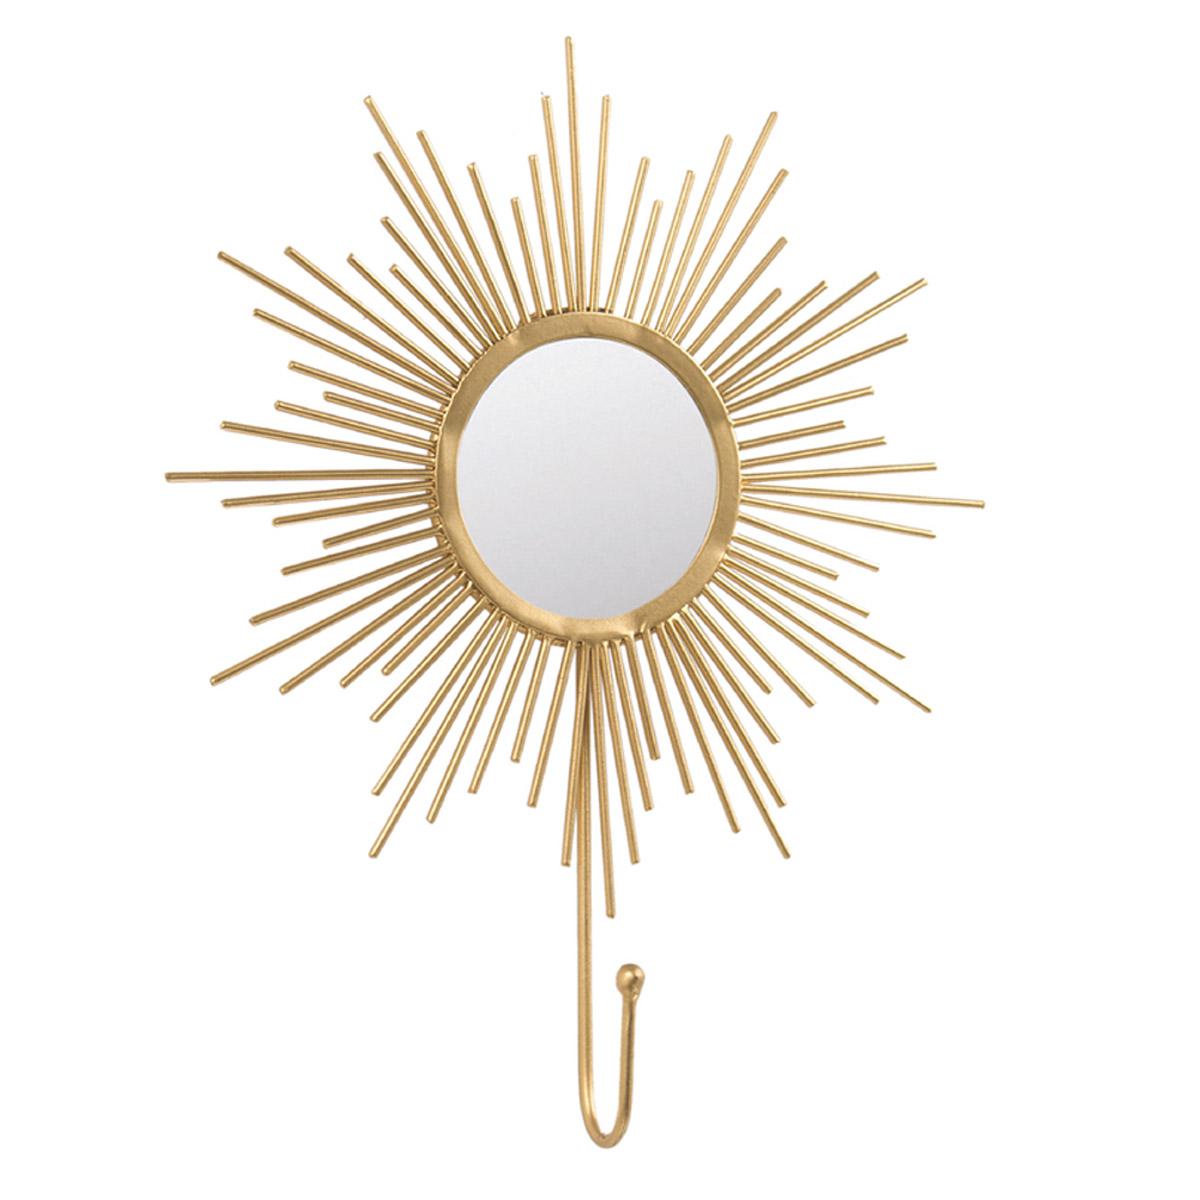 Patère filaire métal \'Cléopatra\' doré (soleil) - 20x15 cm - [R2380]